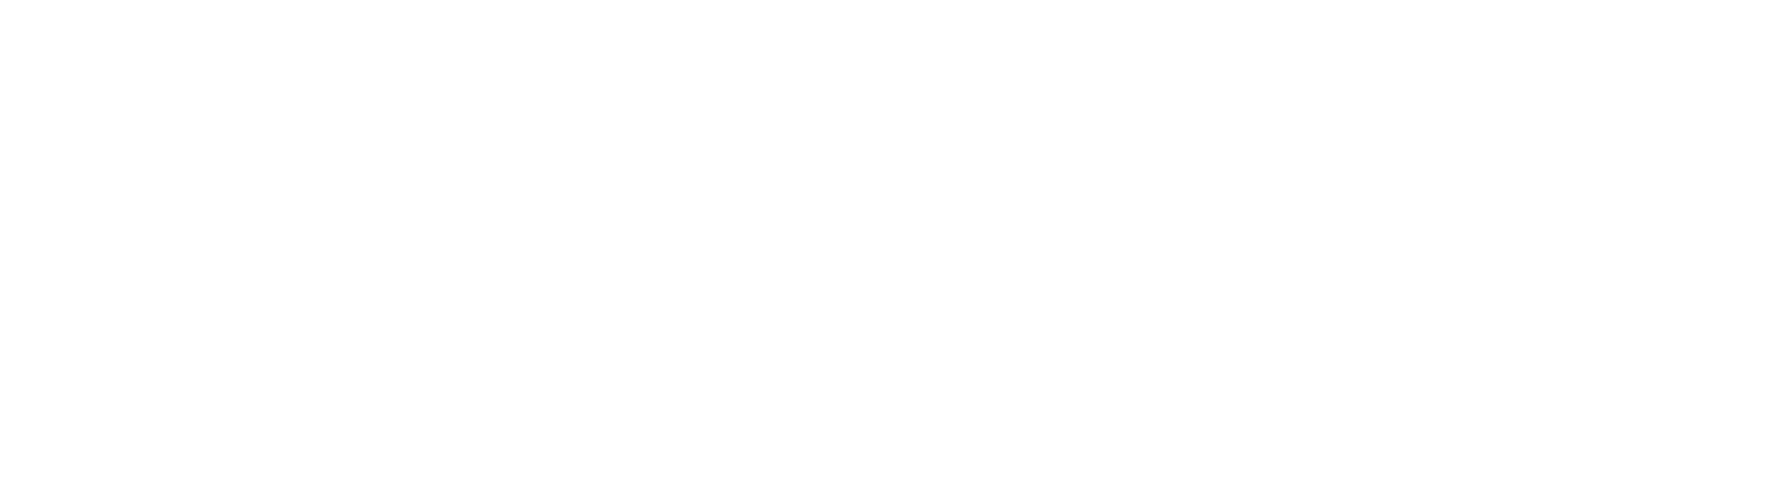 Property Cayman_Logo Horizontal_White.png